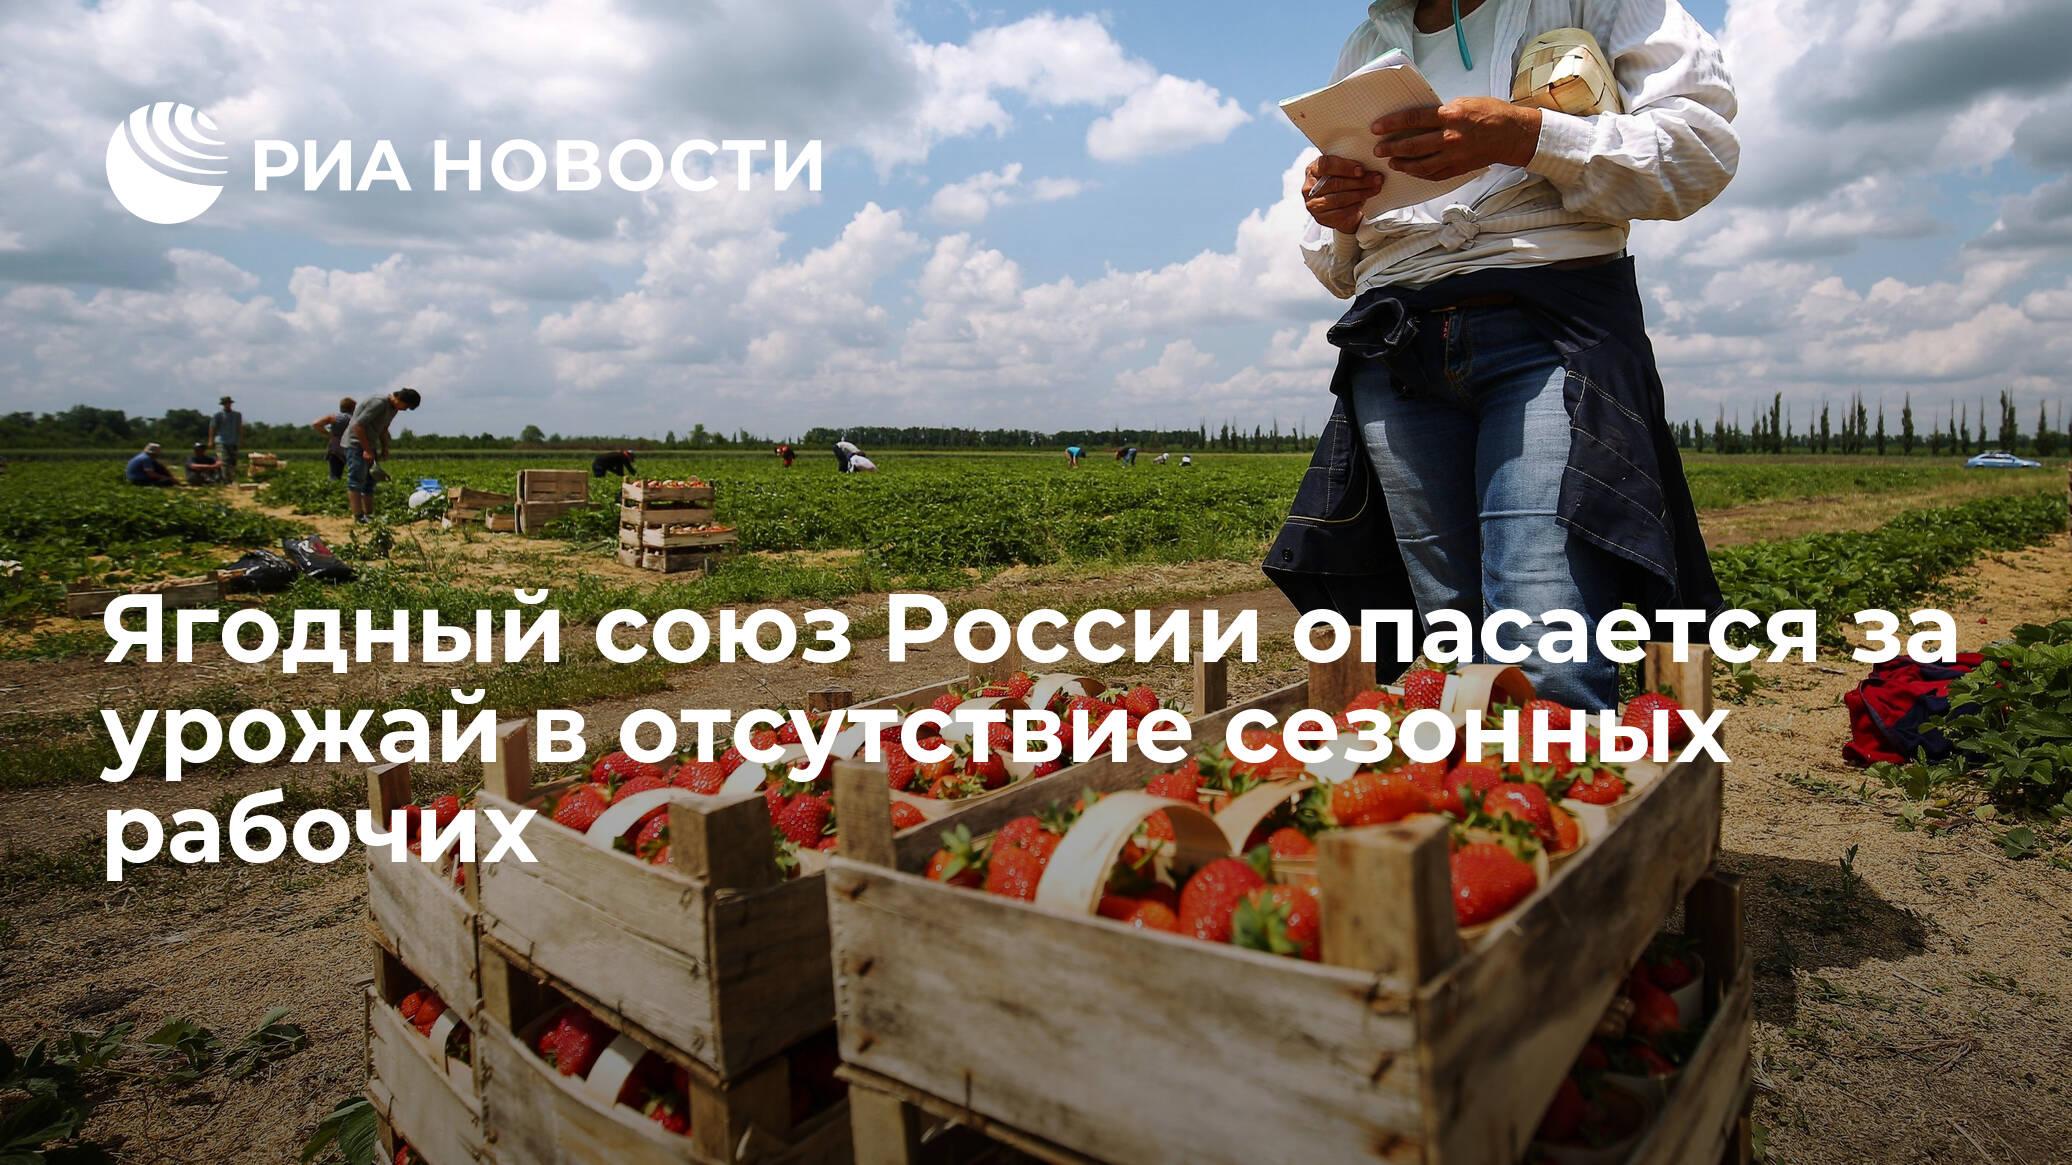 Ягодный союз России опасается за урожай в отсутствие сезонных рабочих